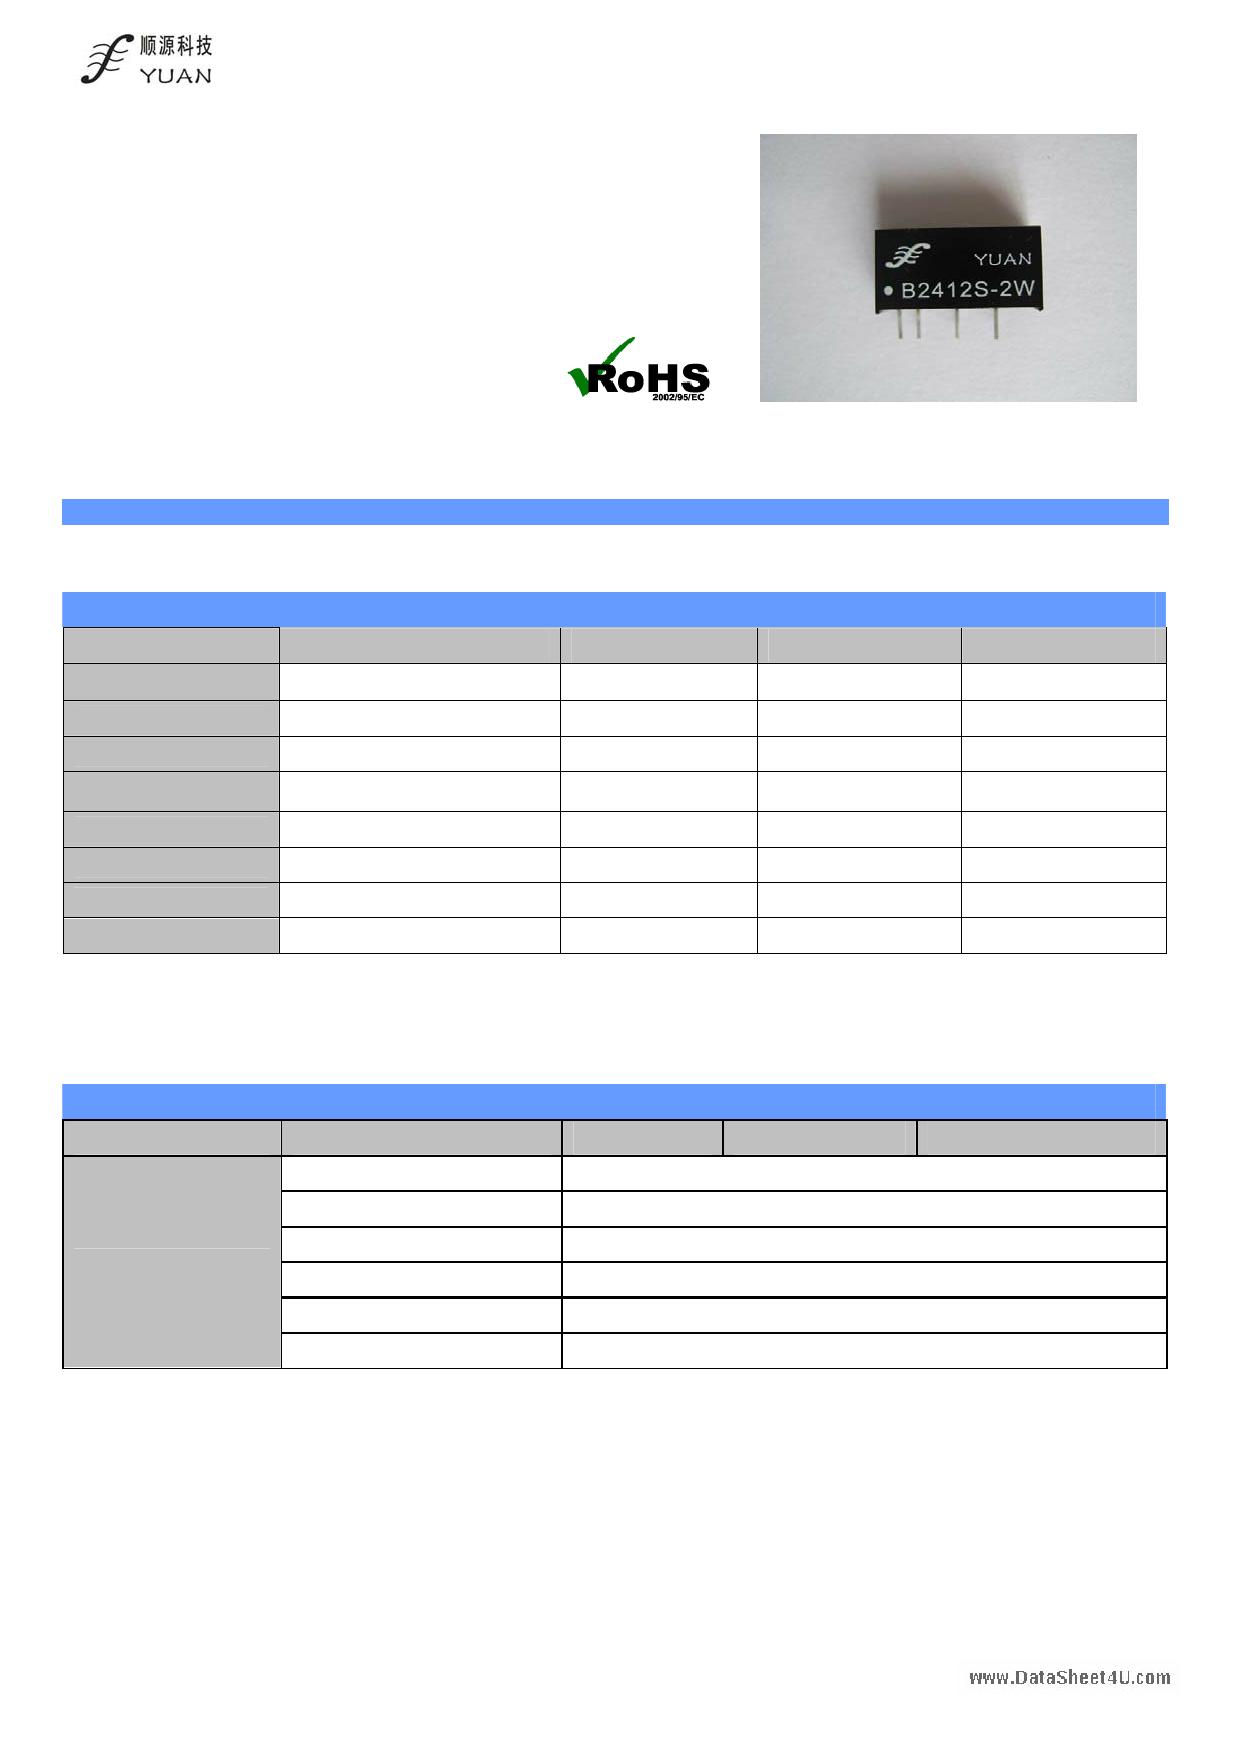 B0503S-2W Hoja de datos, Descripción, Manual